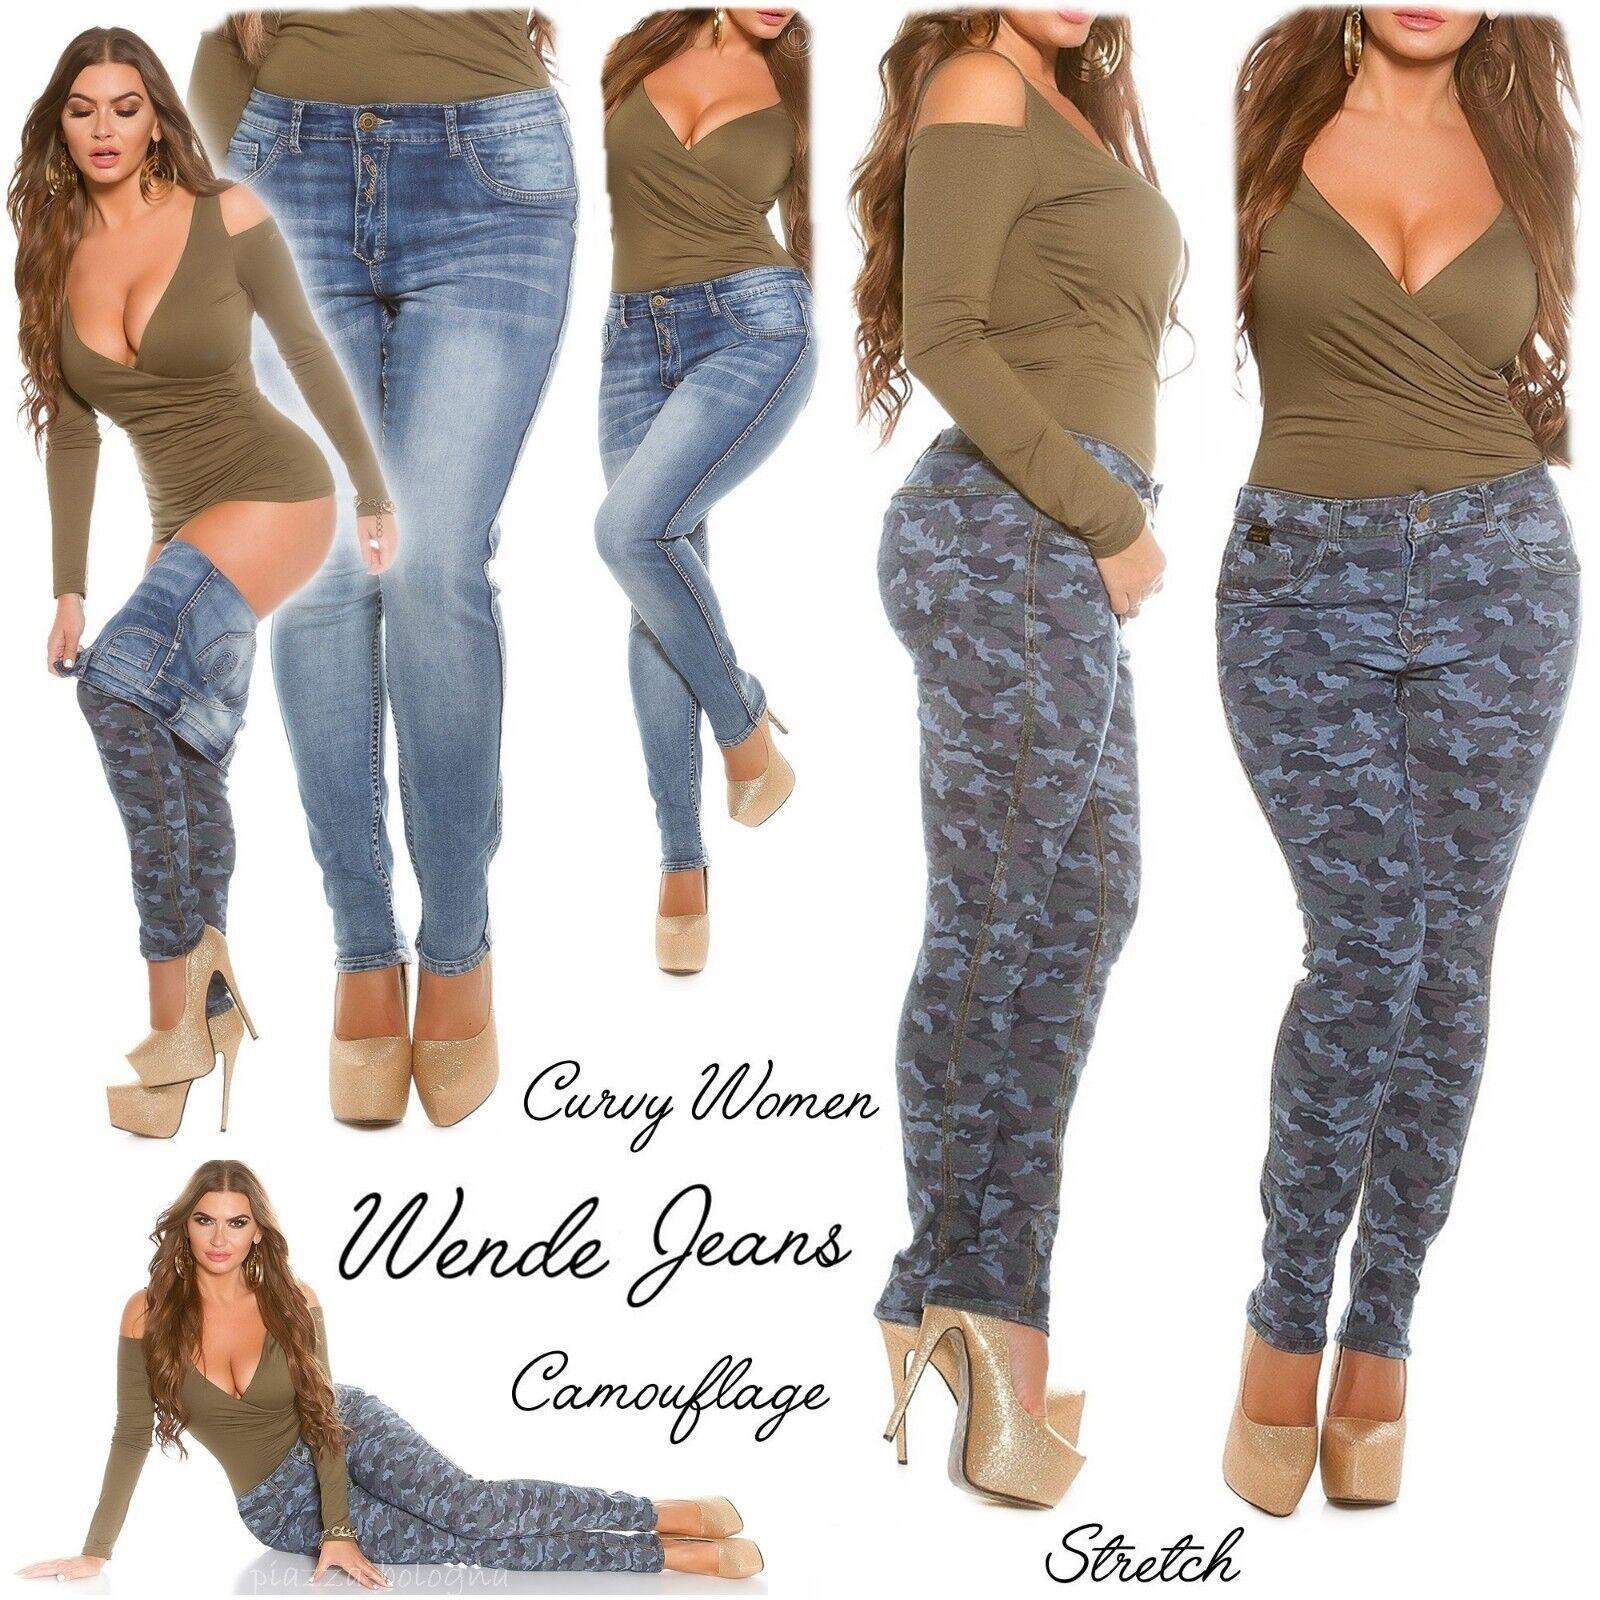 NEU 46 ✰ 3XL Wende-Jeans Stretch Camouflage & Stonewashed Tarn Army ✰ Blau-Mix